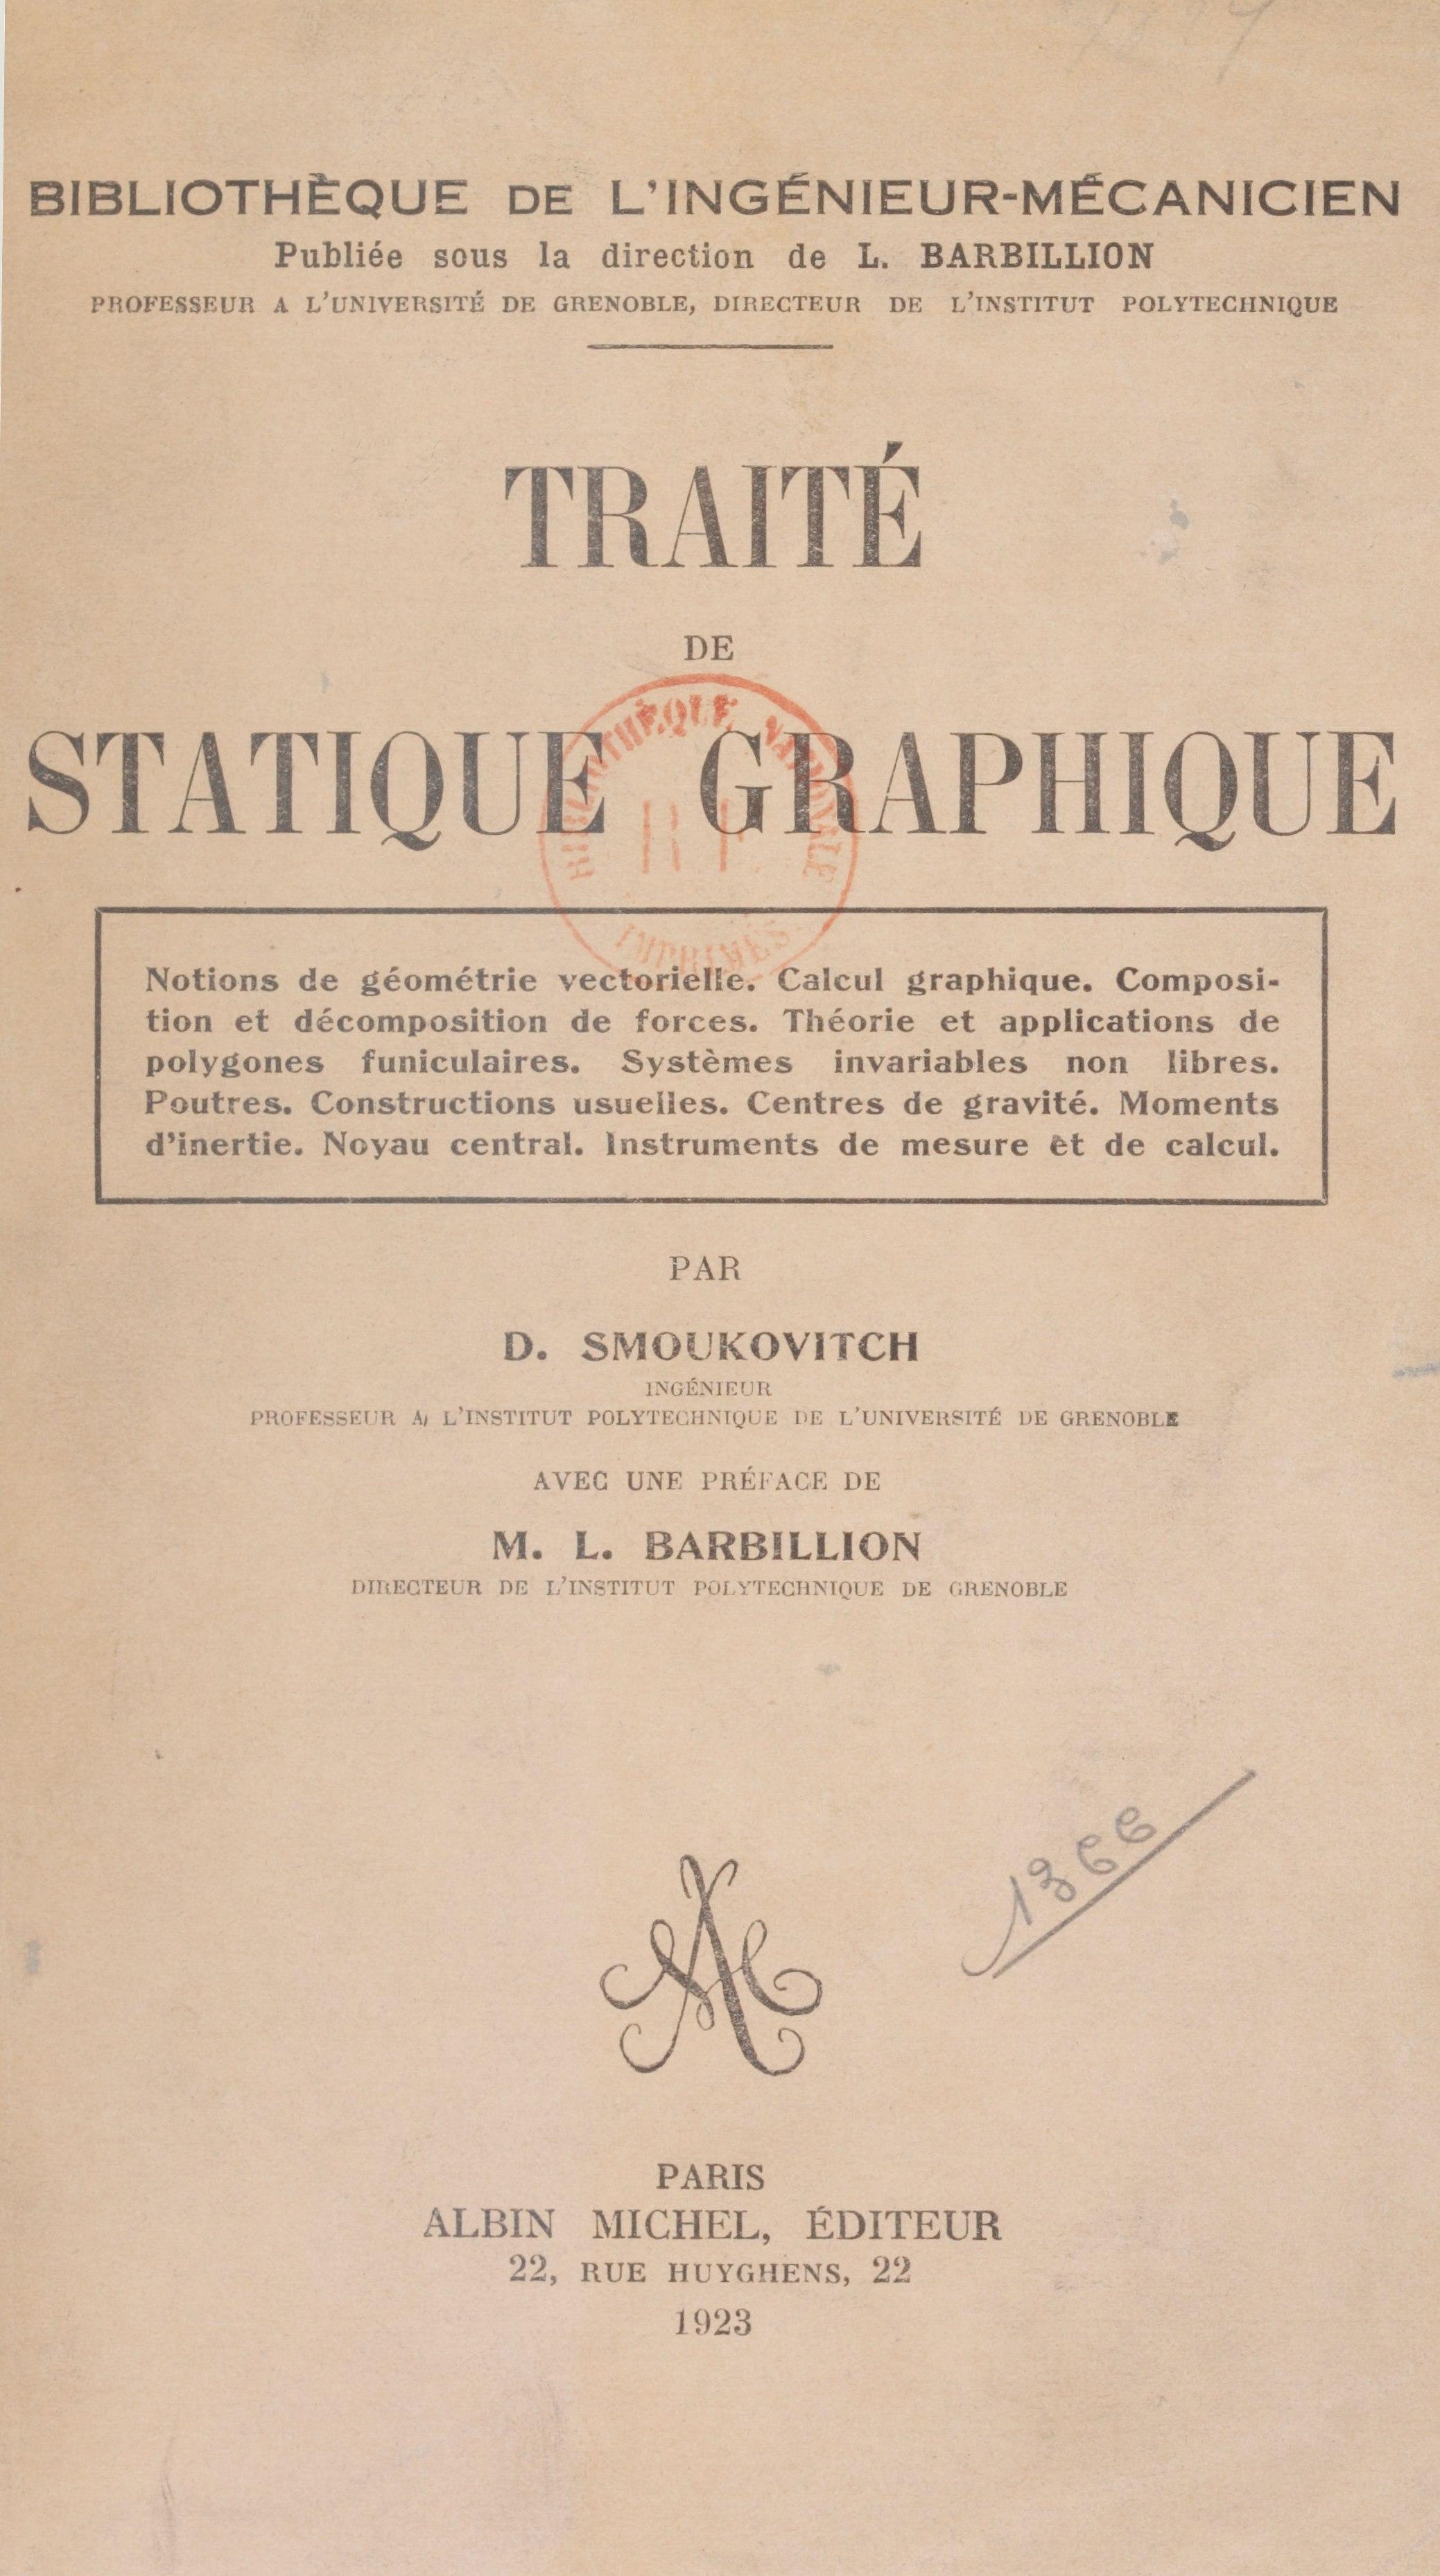 Traité de statique graphique